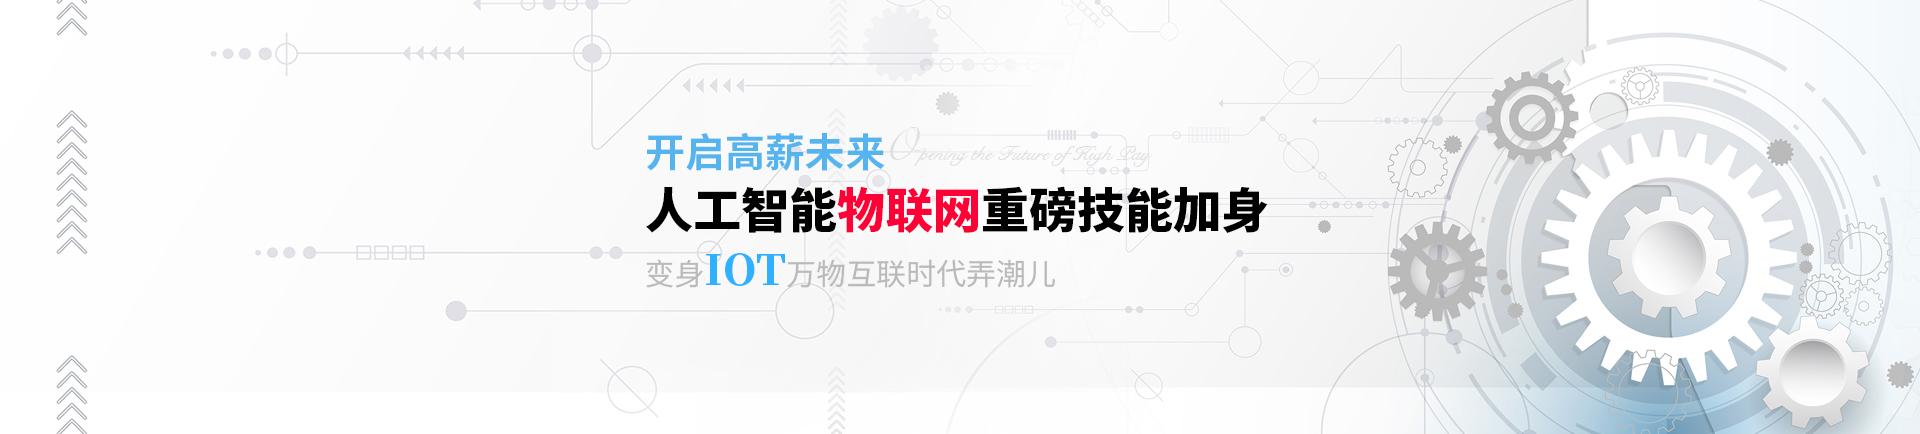 人工智能物�网�磅技能加身 �身IOT万物互�时代弄潮儿-chq